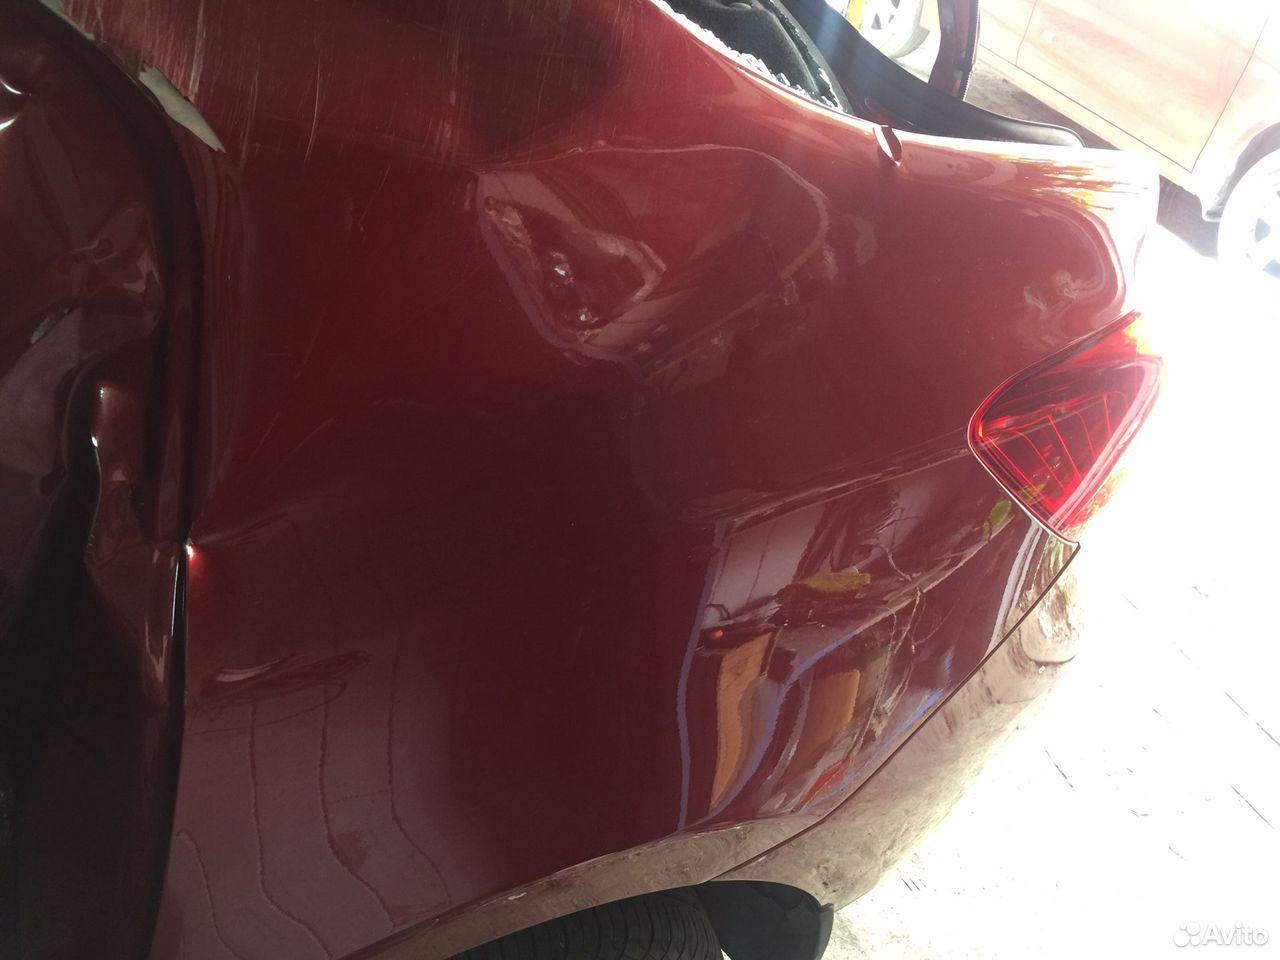 Рено Логан 2 задние левое крыло с дефектом